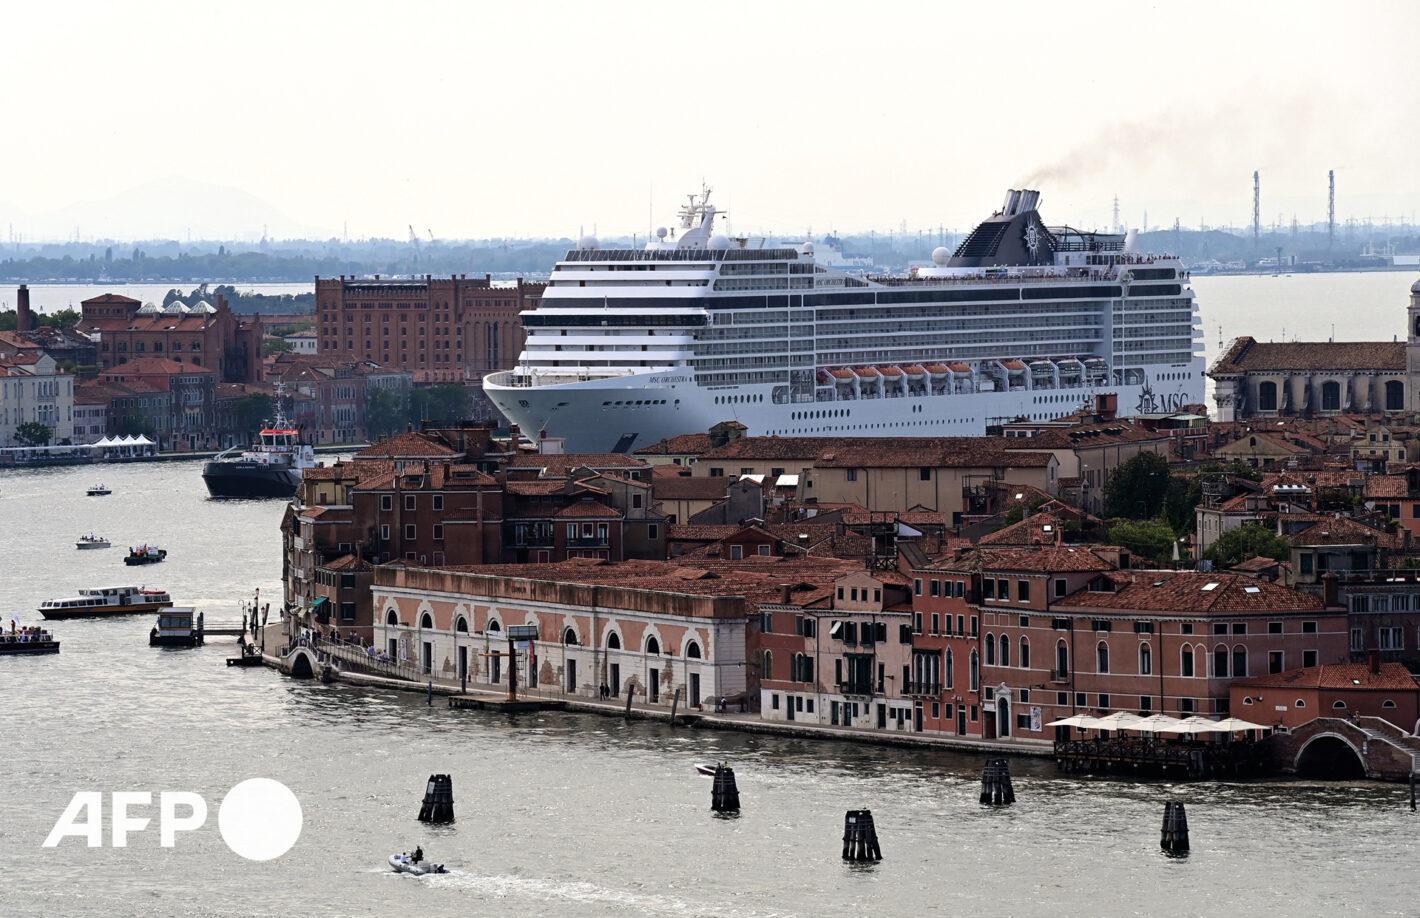 AFP 9 | Miguel MEDINA 5 juin 2021 – Venise (Italie)